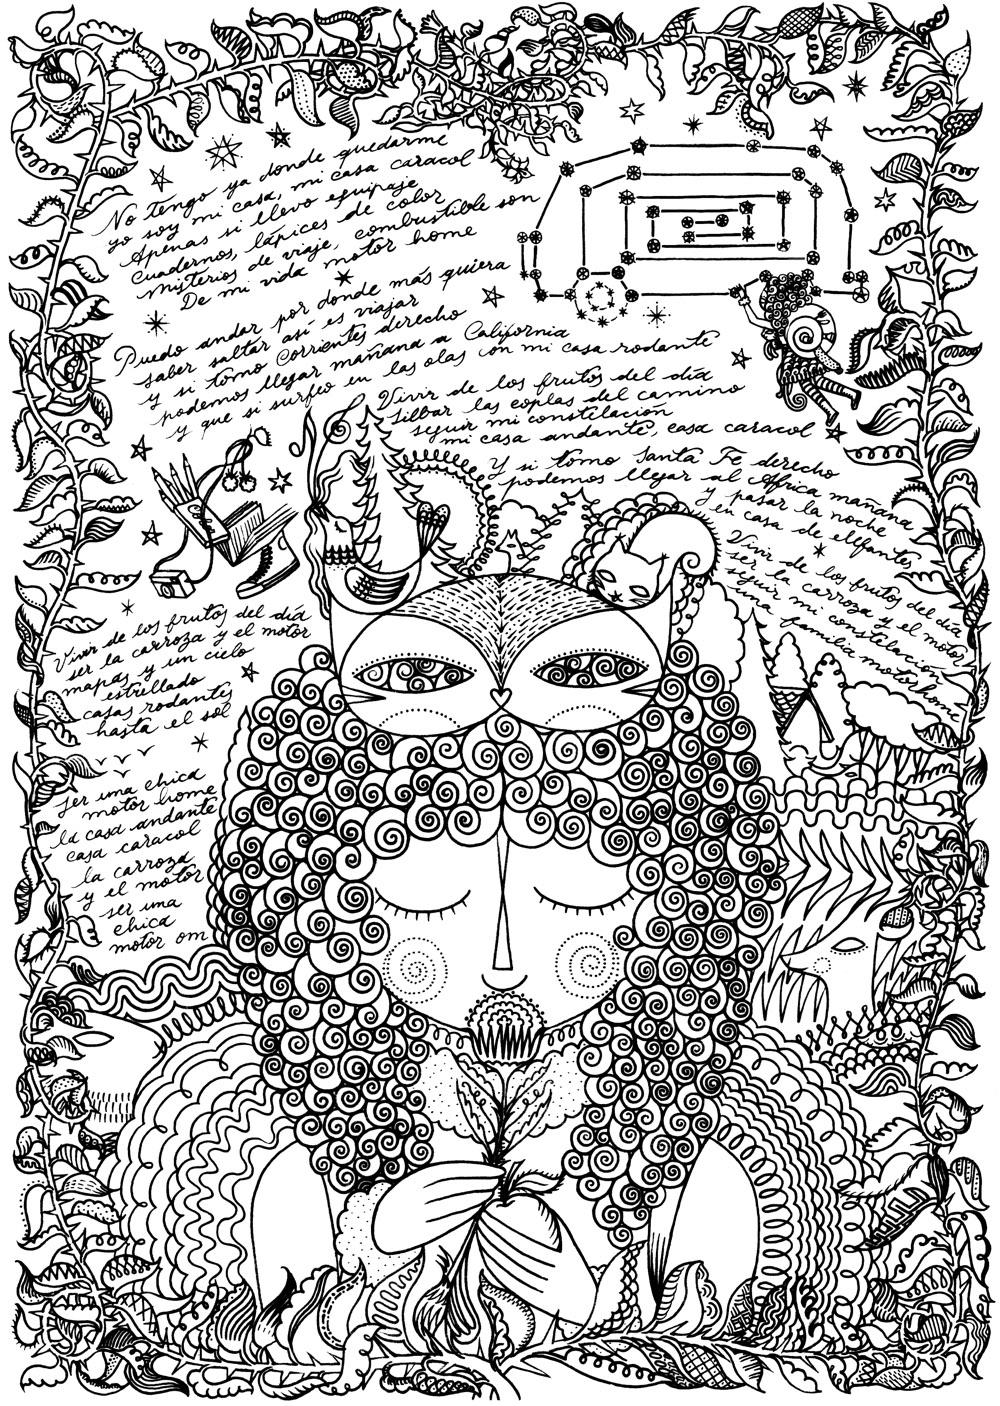 Librongo II - Ideame